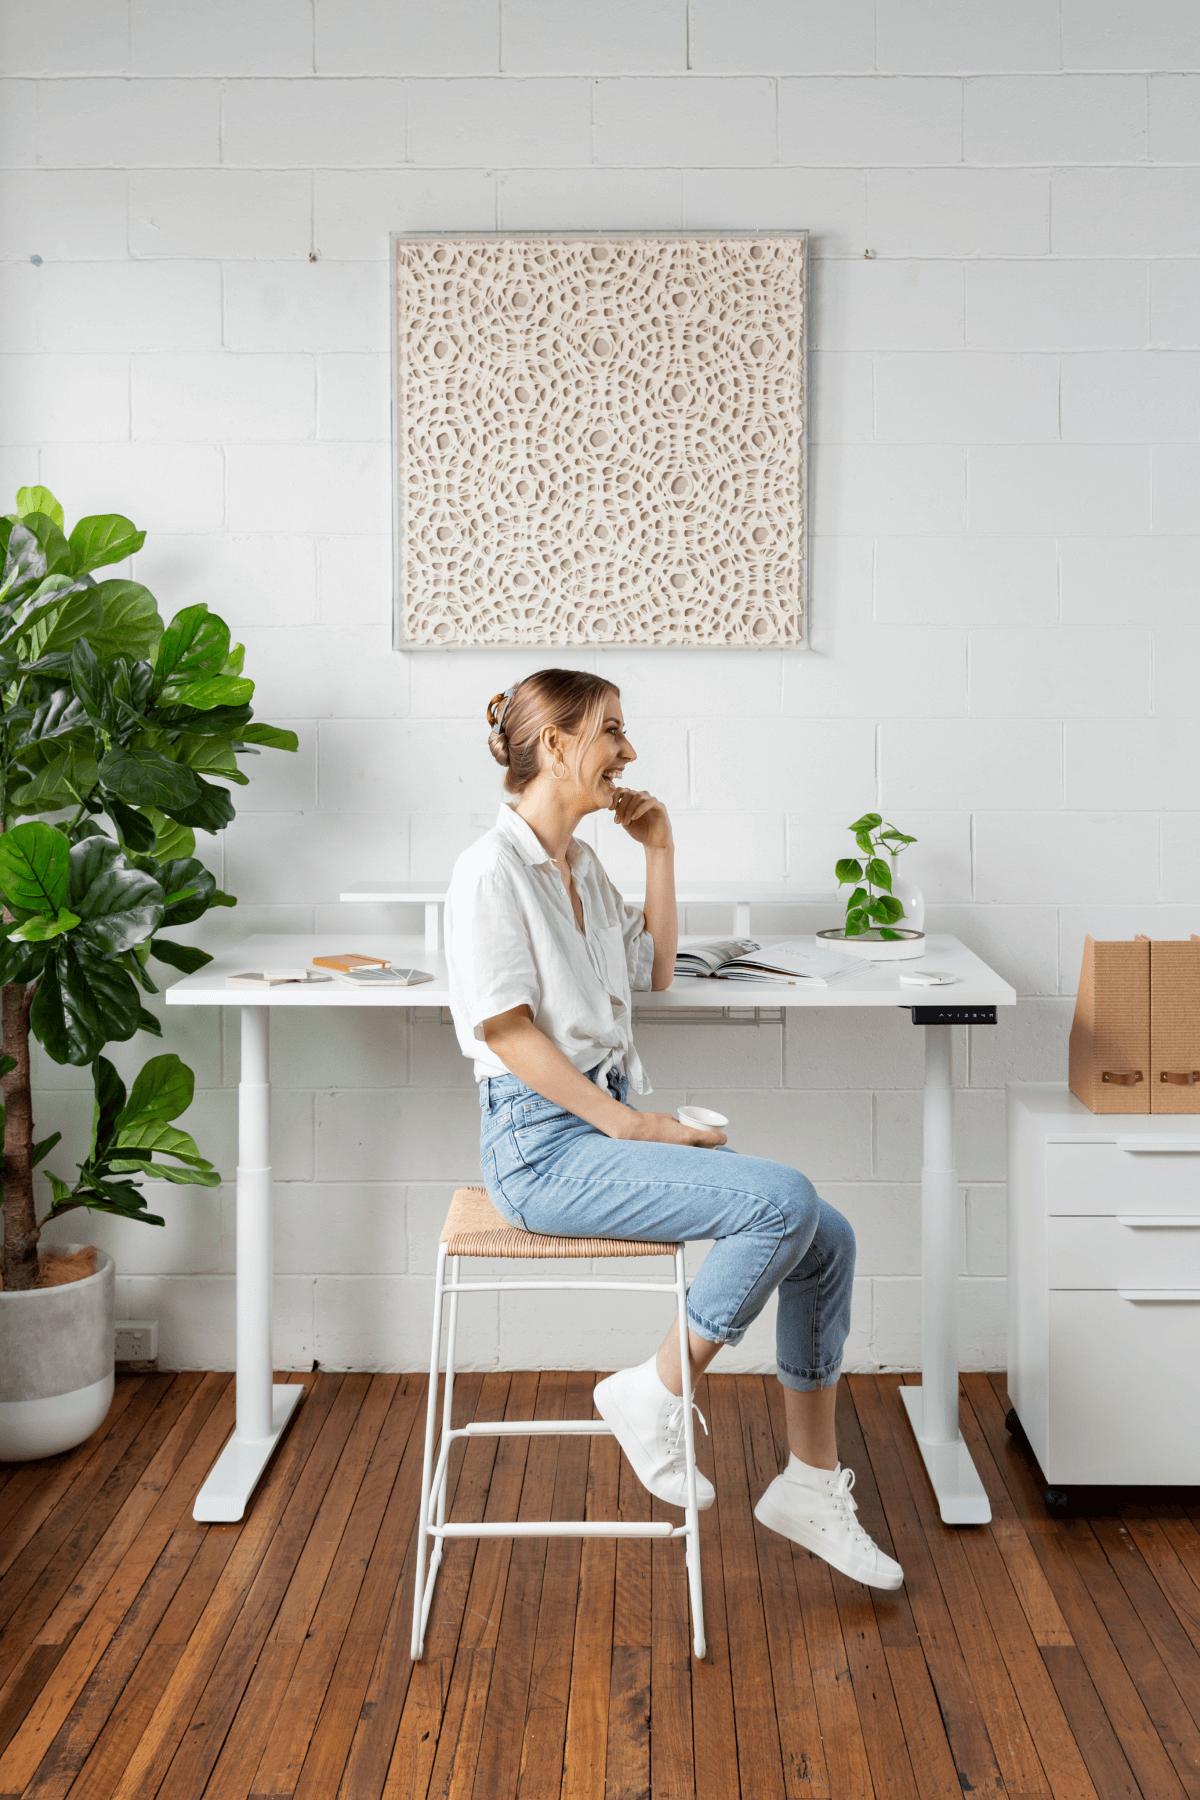 Person using Holistic Desk